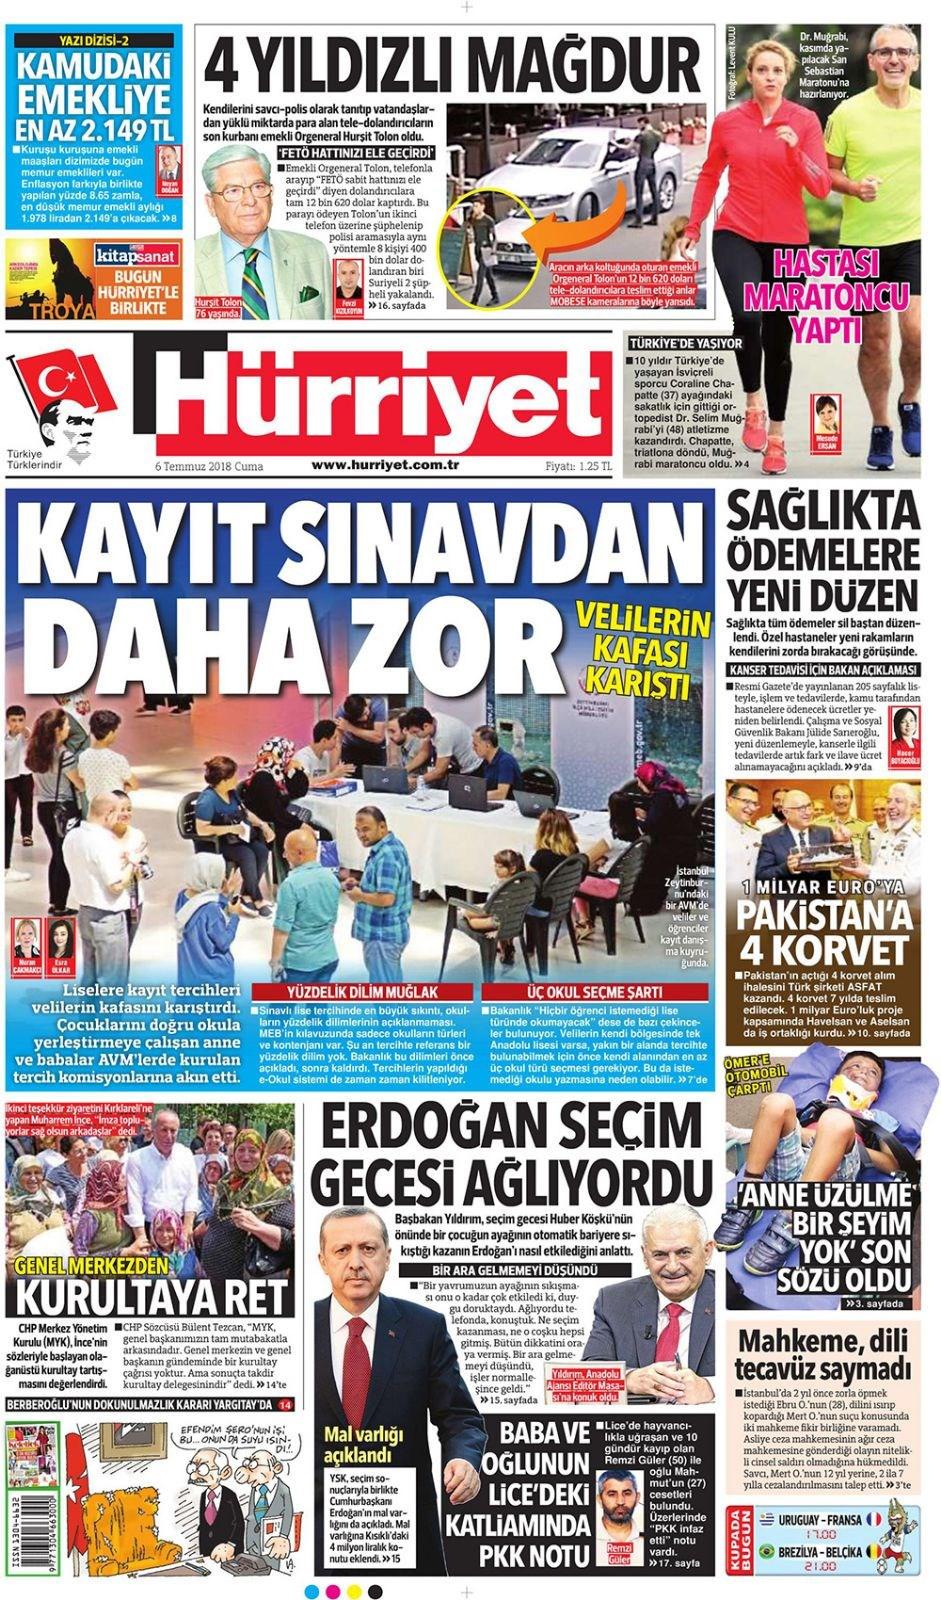 Günün gazete manşetleri (6 Temmuz 2018)